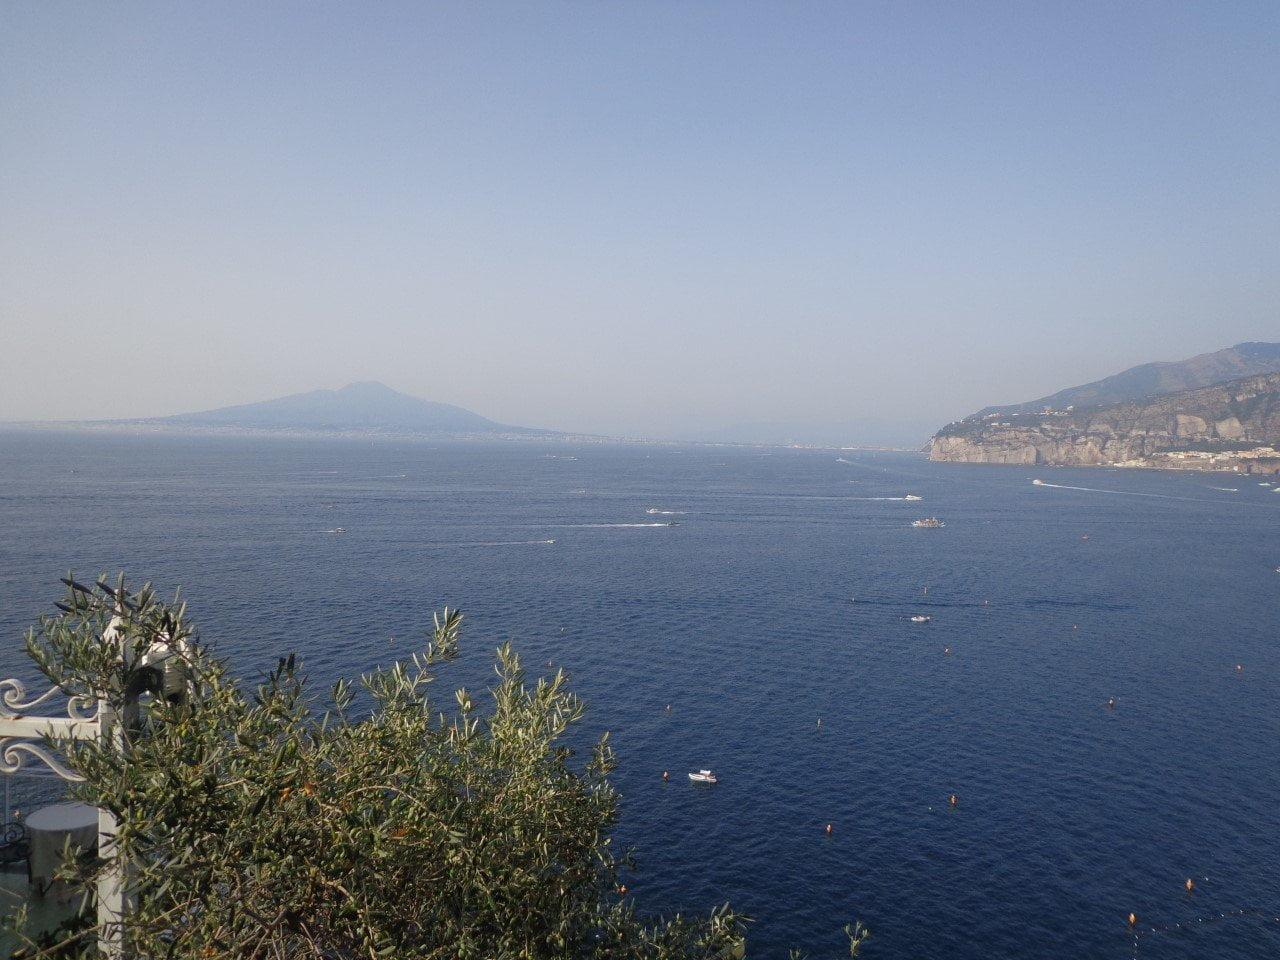 de baai van Napoli in het zuiden van Italie.